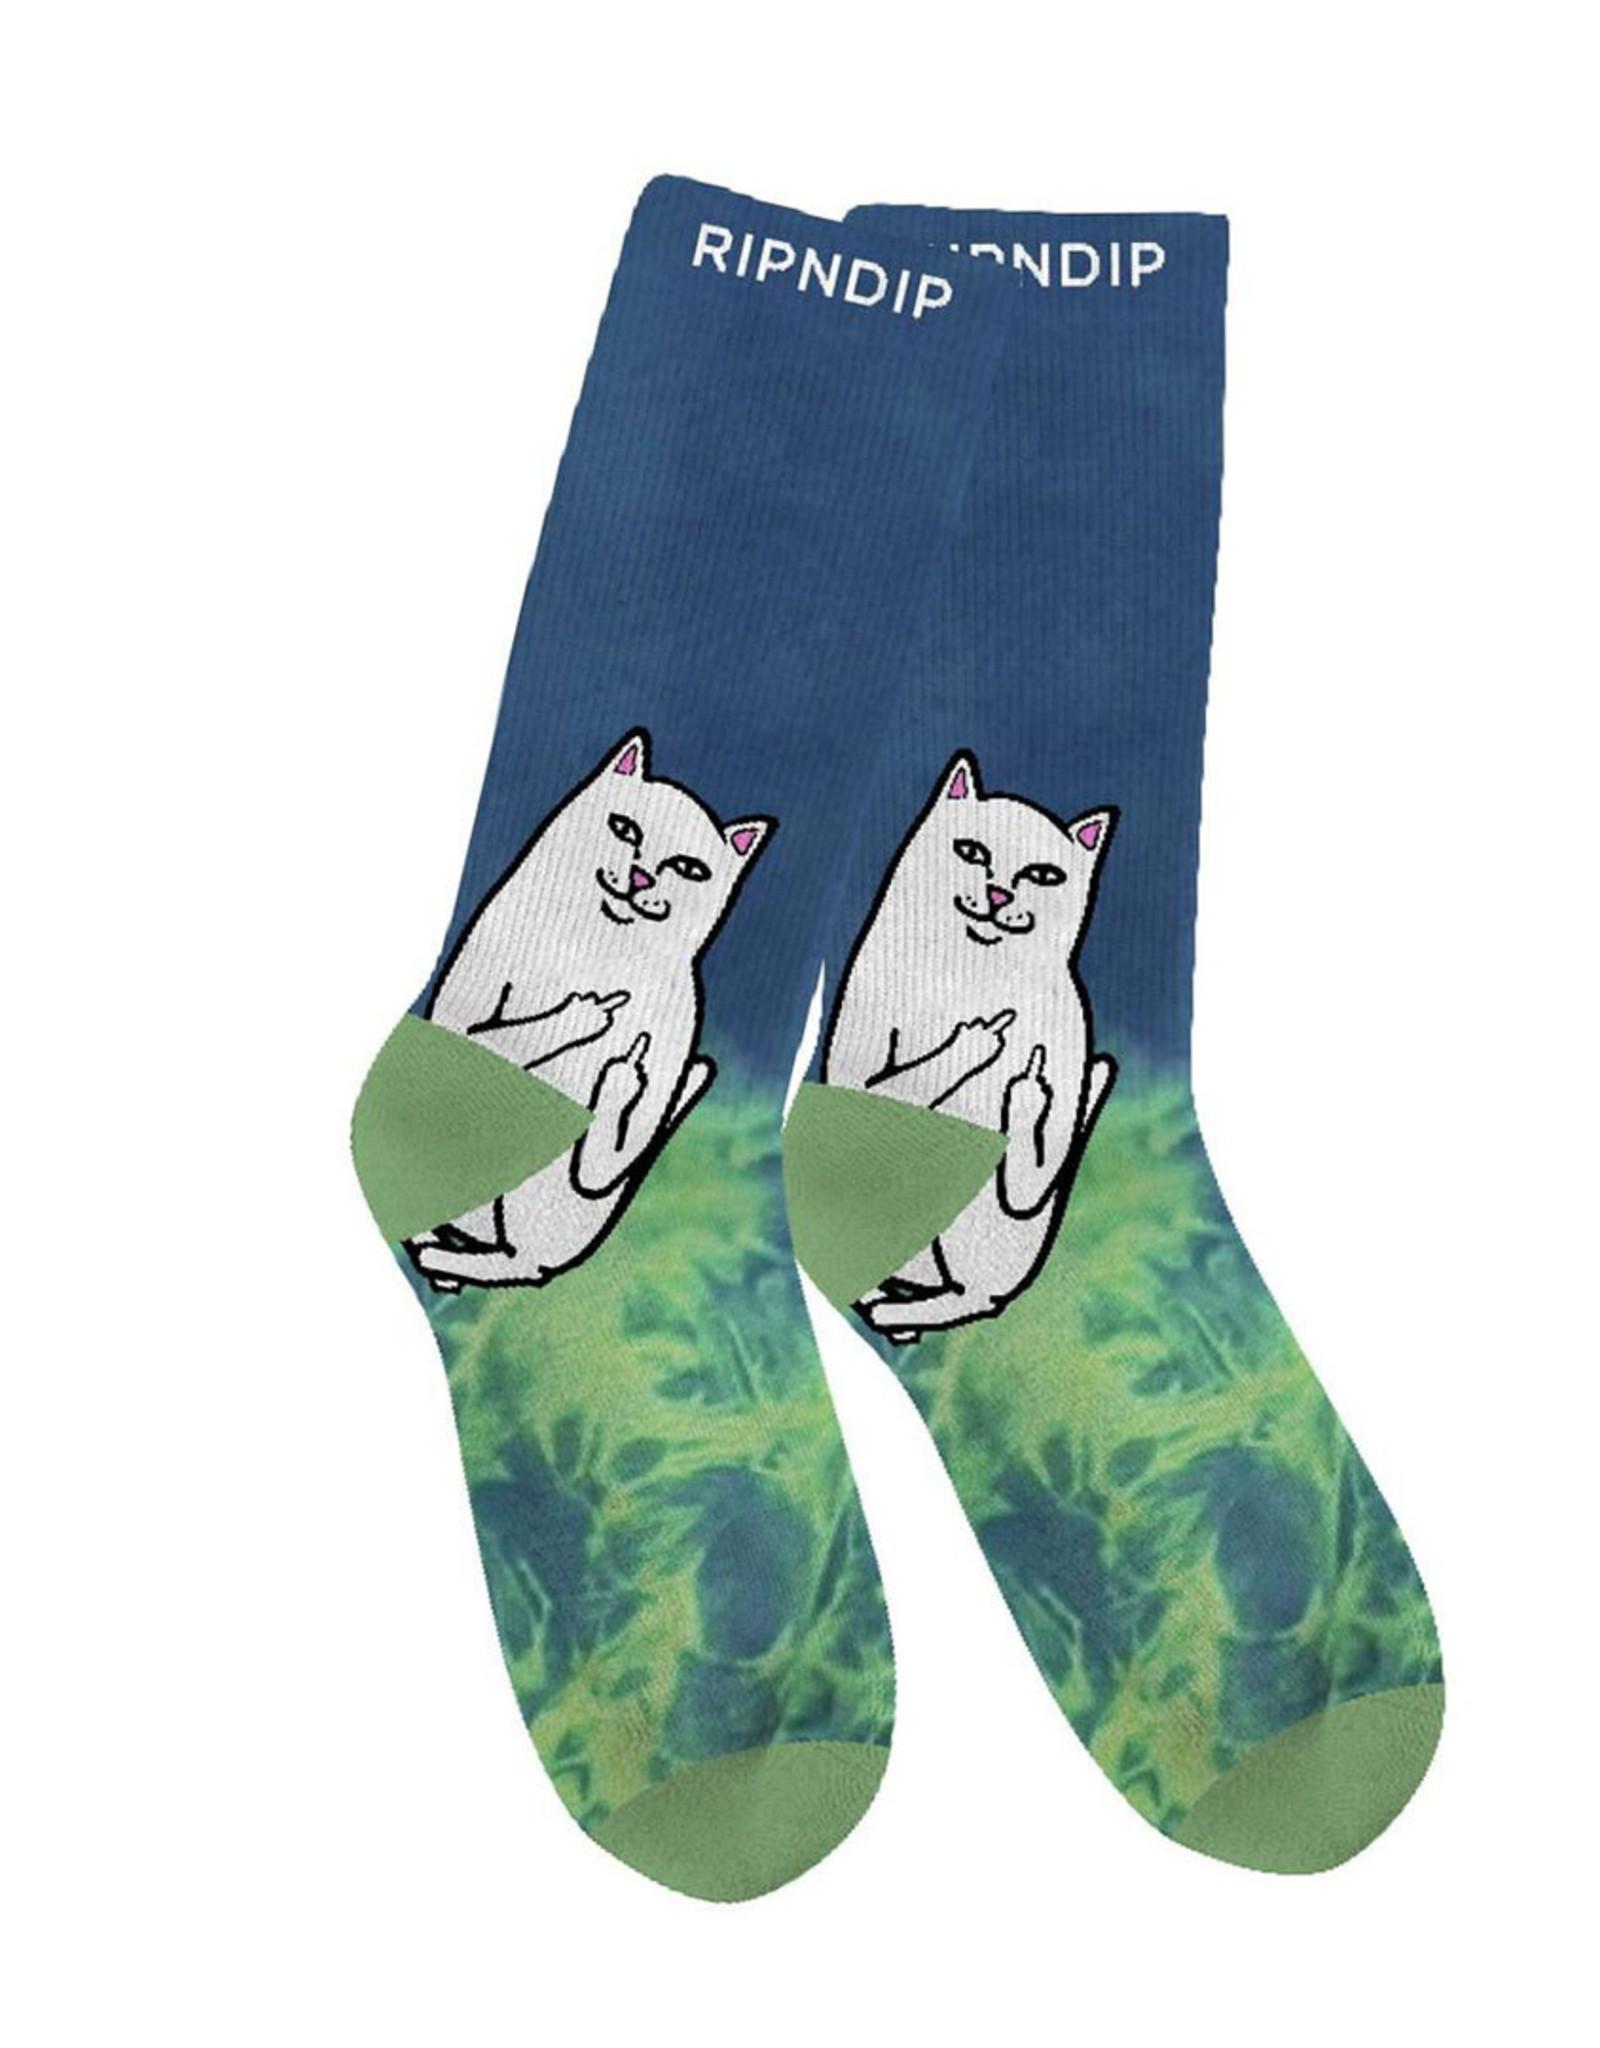 Ripndip RipnDip Lord Nermal Prisma Socks Multi